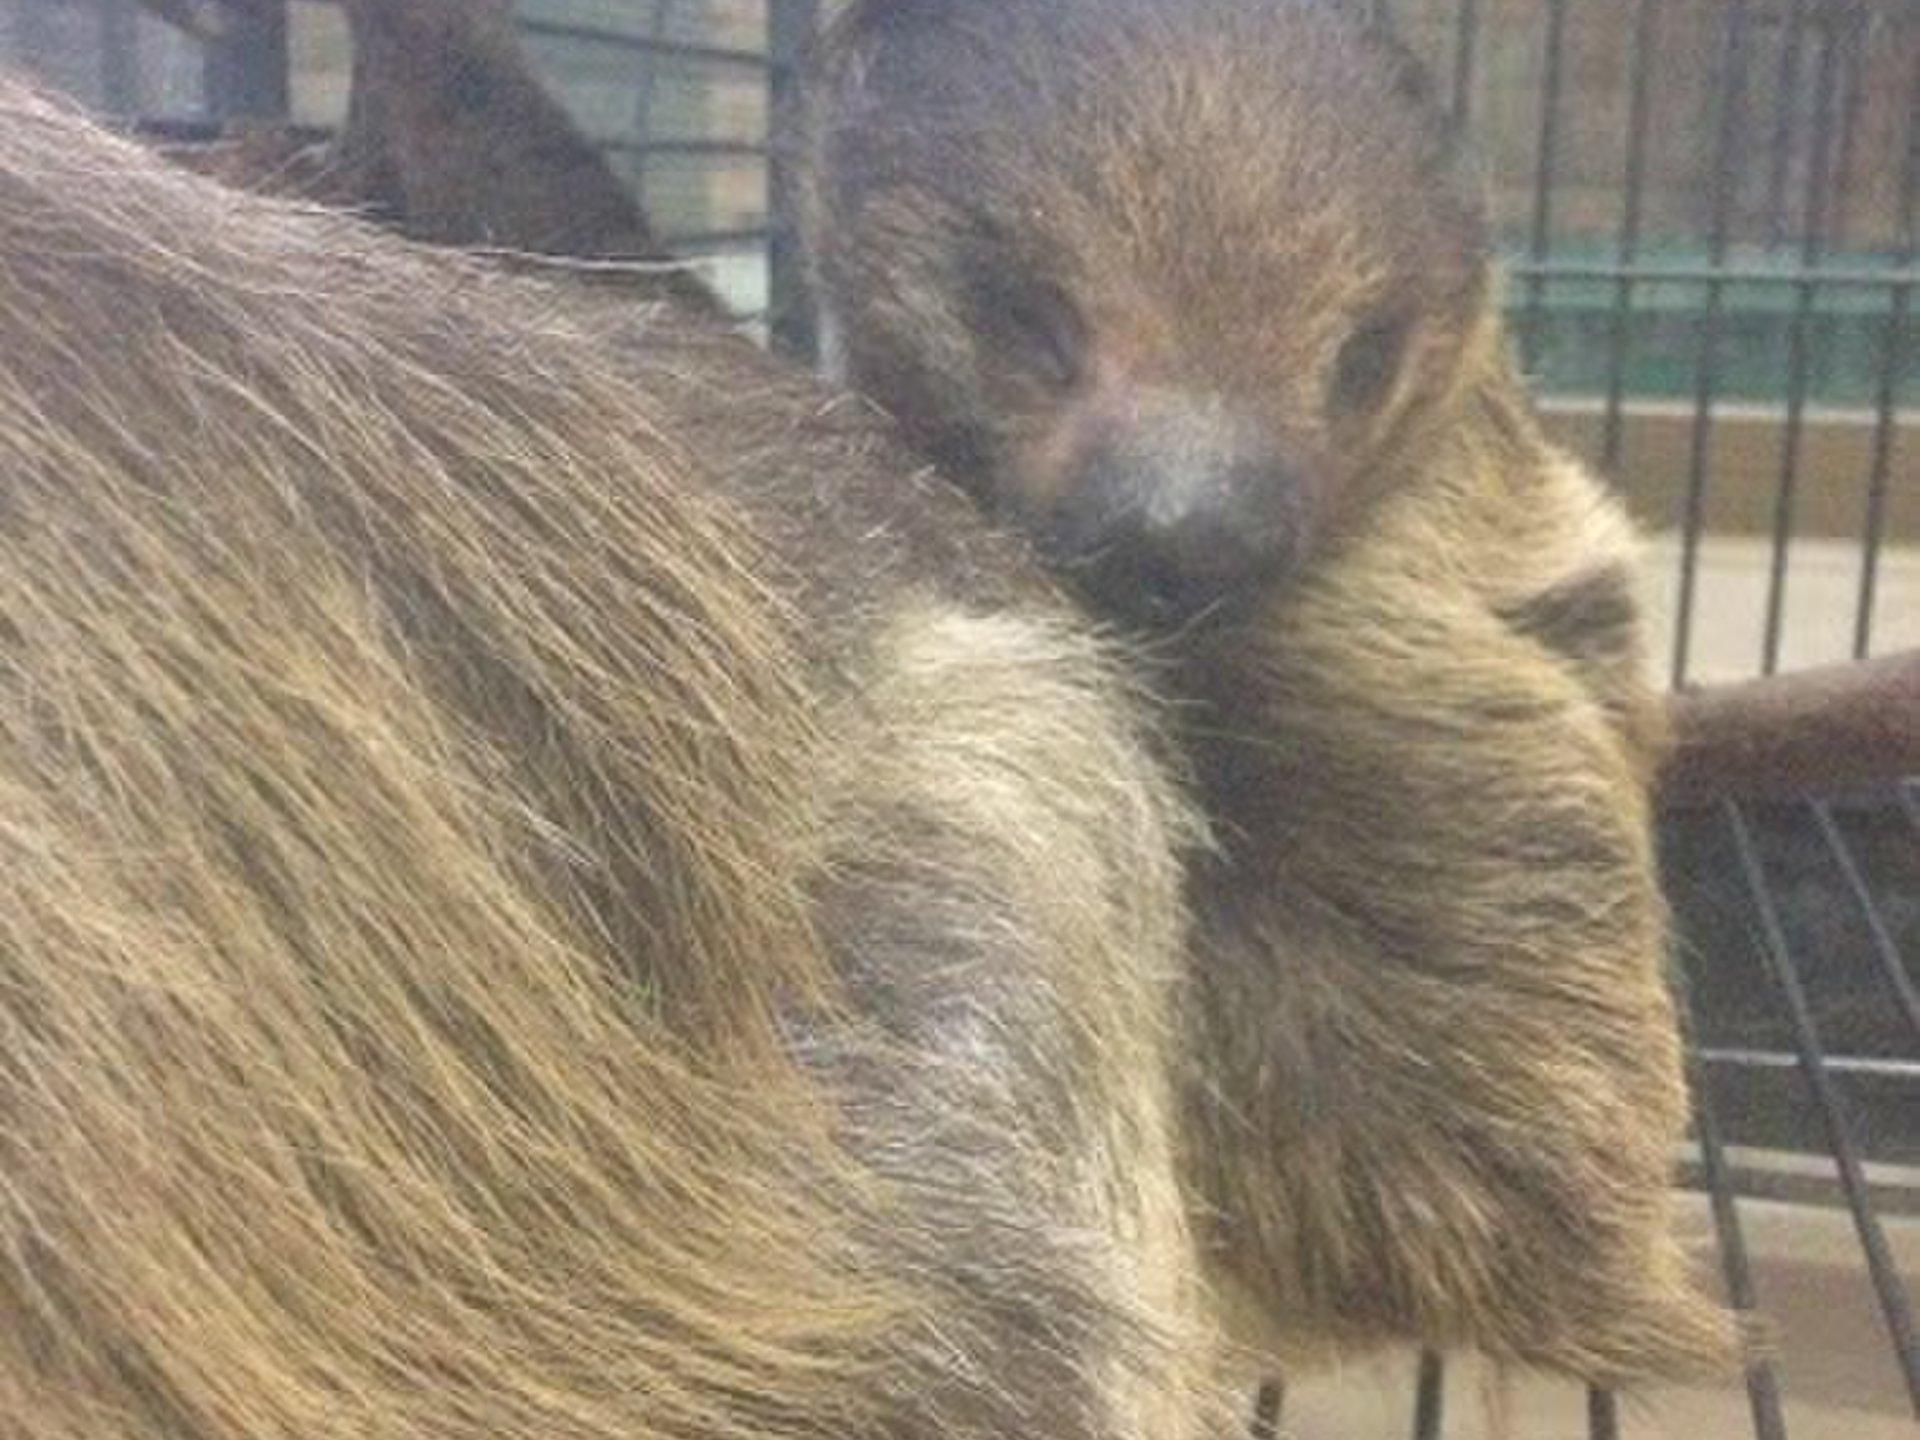 横浜ベイサイドマリーナの変わったデートスポット!見て触って買える動物園「ノア」ナマケモノにペンギン?